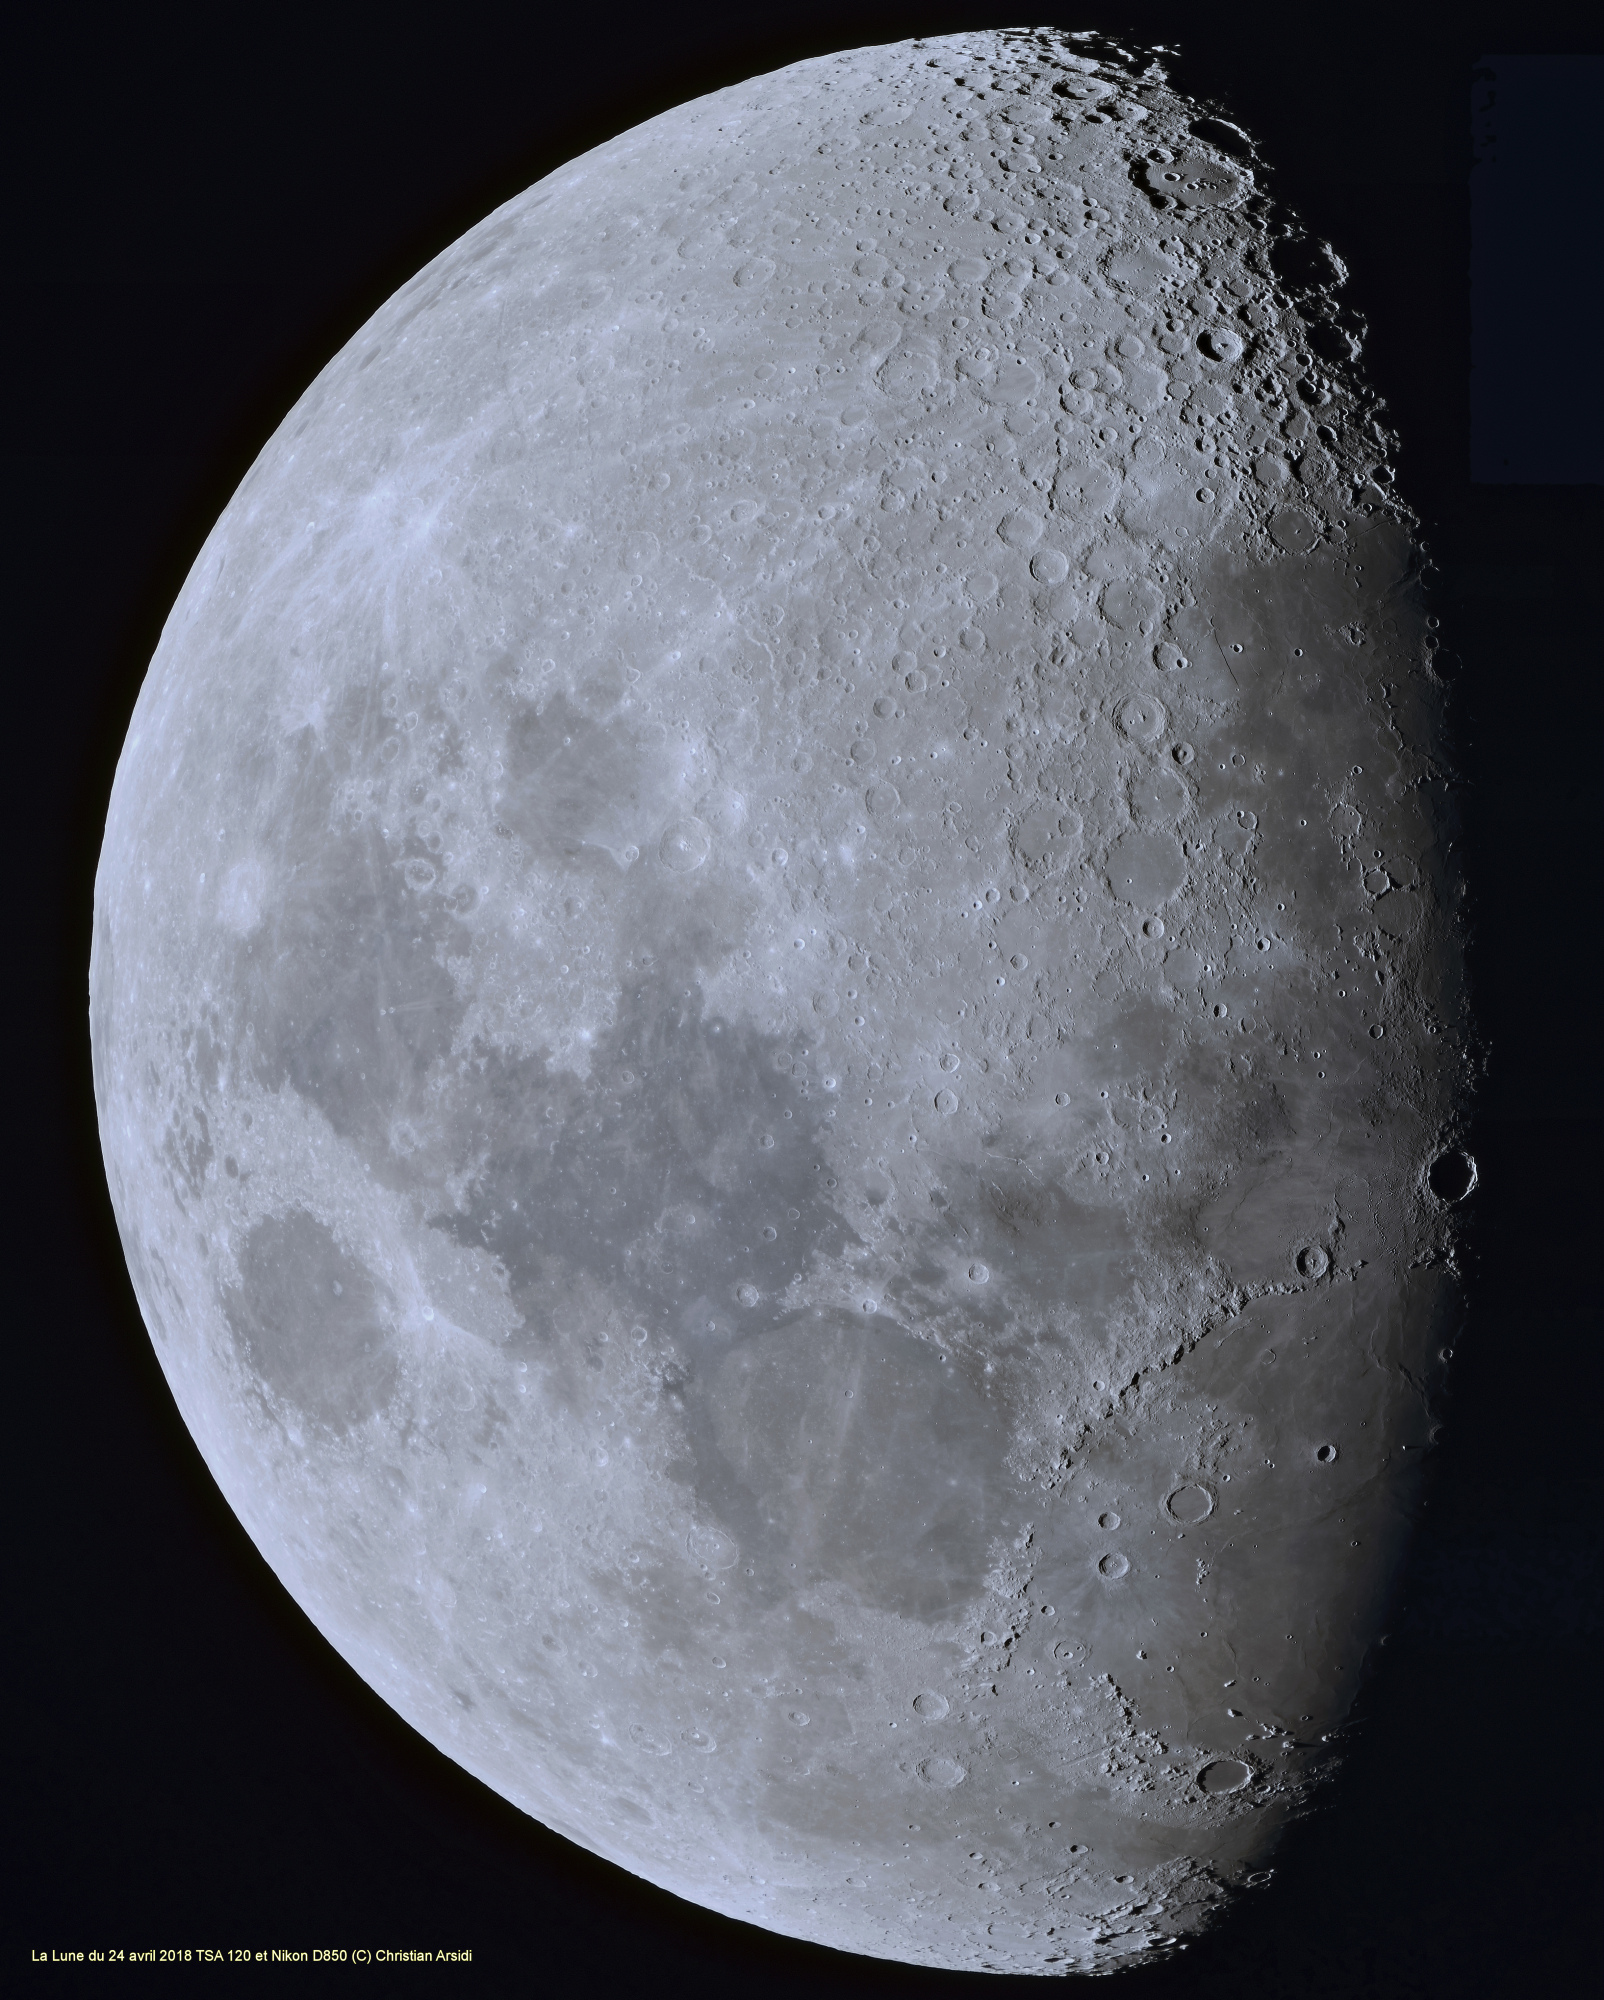 La_Lune_39_images_TTB92%_Bonne_image_JPEG.jpg